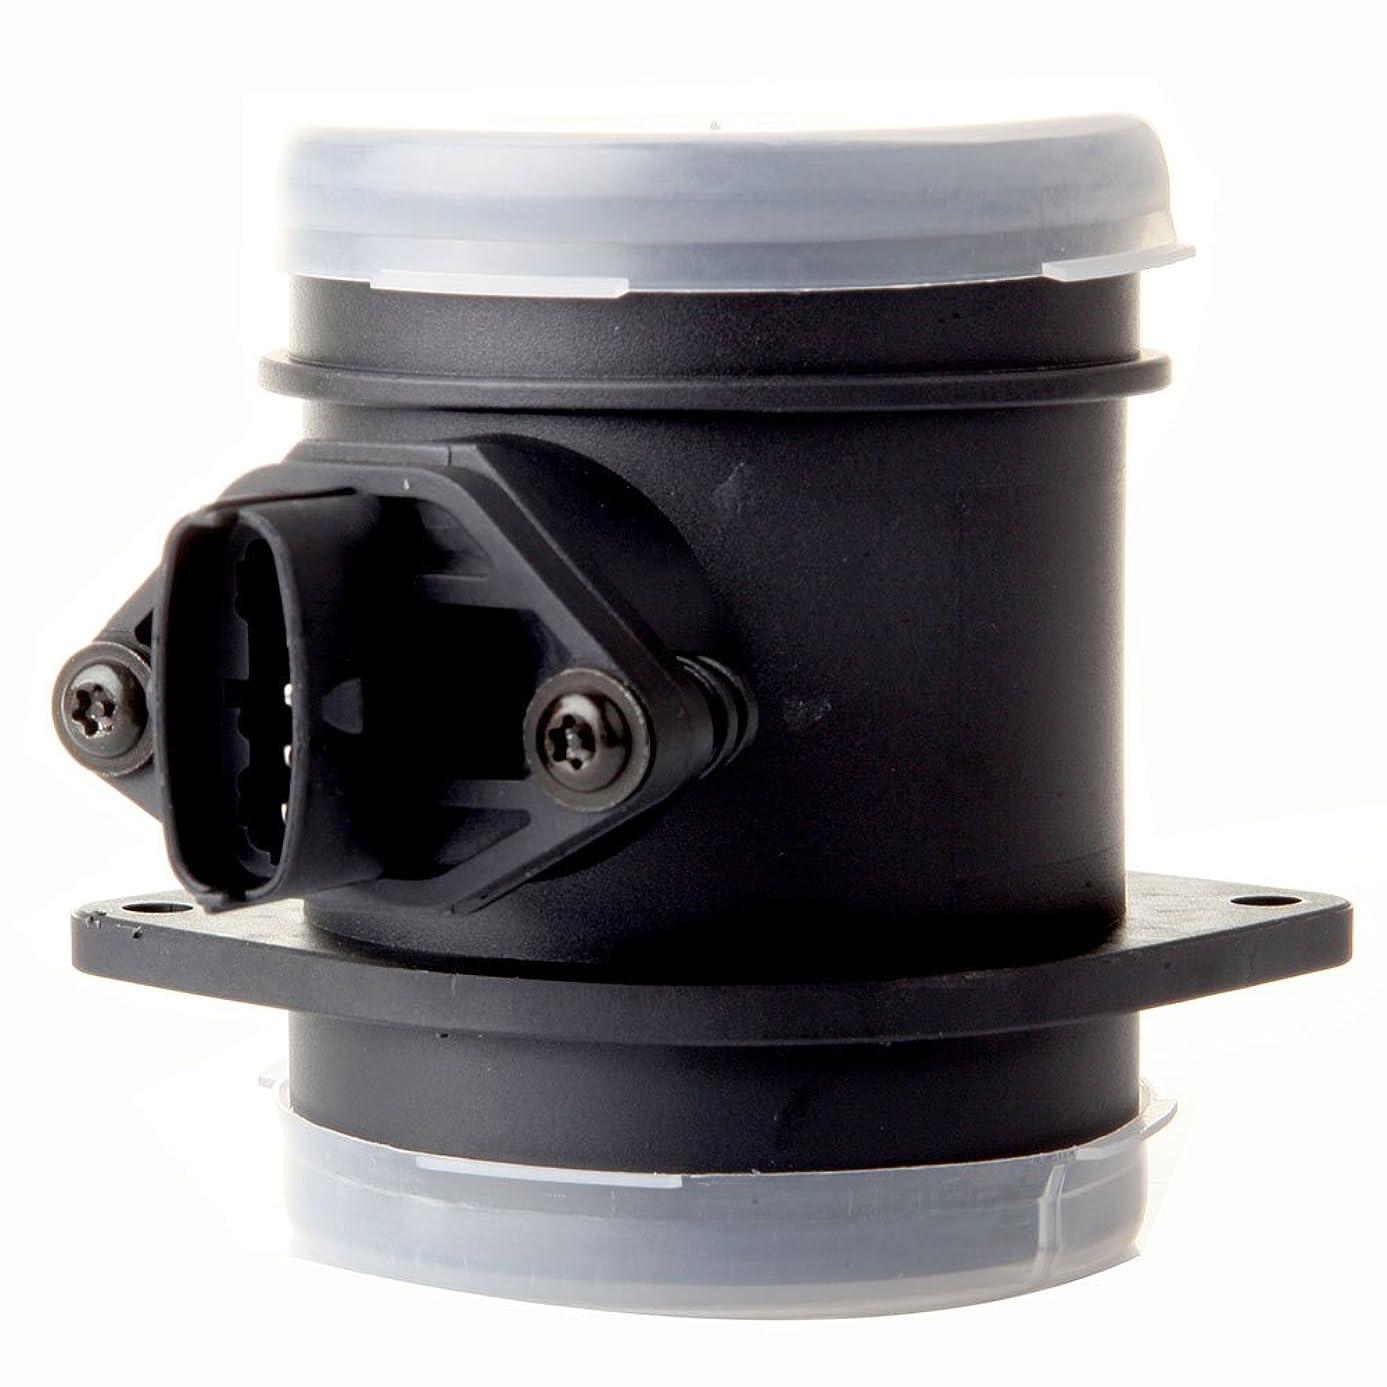 SCITOO Mass Air Flow Sensor Meter MAF 280218108 Fit Vovlo?S70 S80 C70 V70 1999 2000